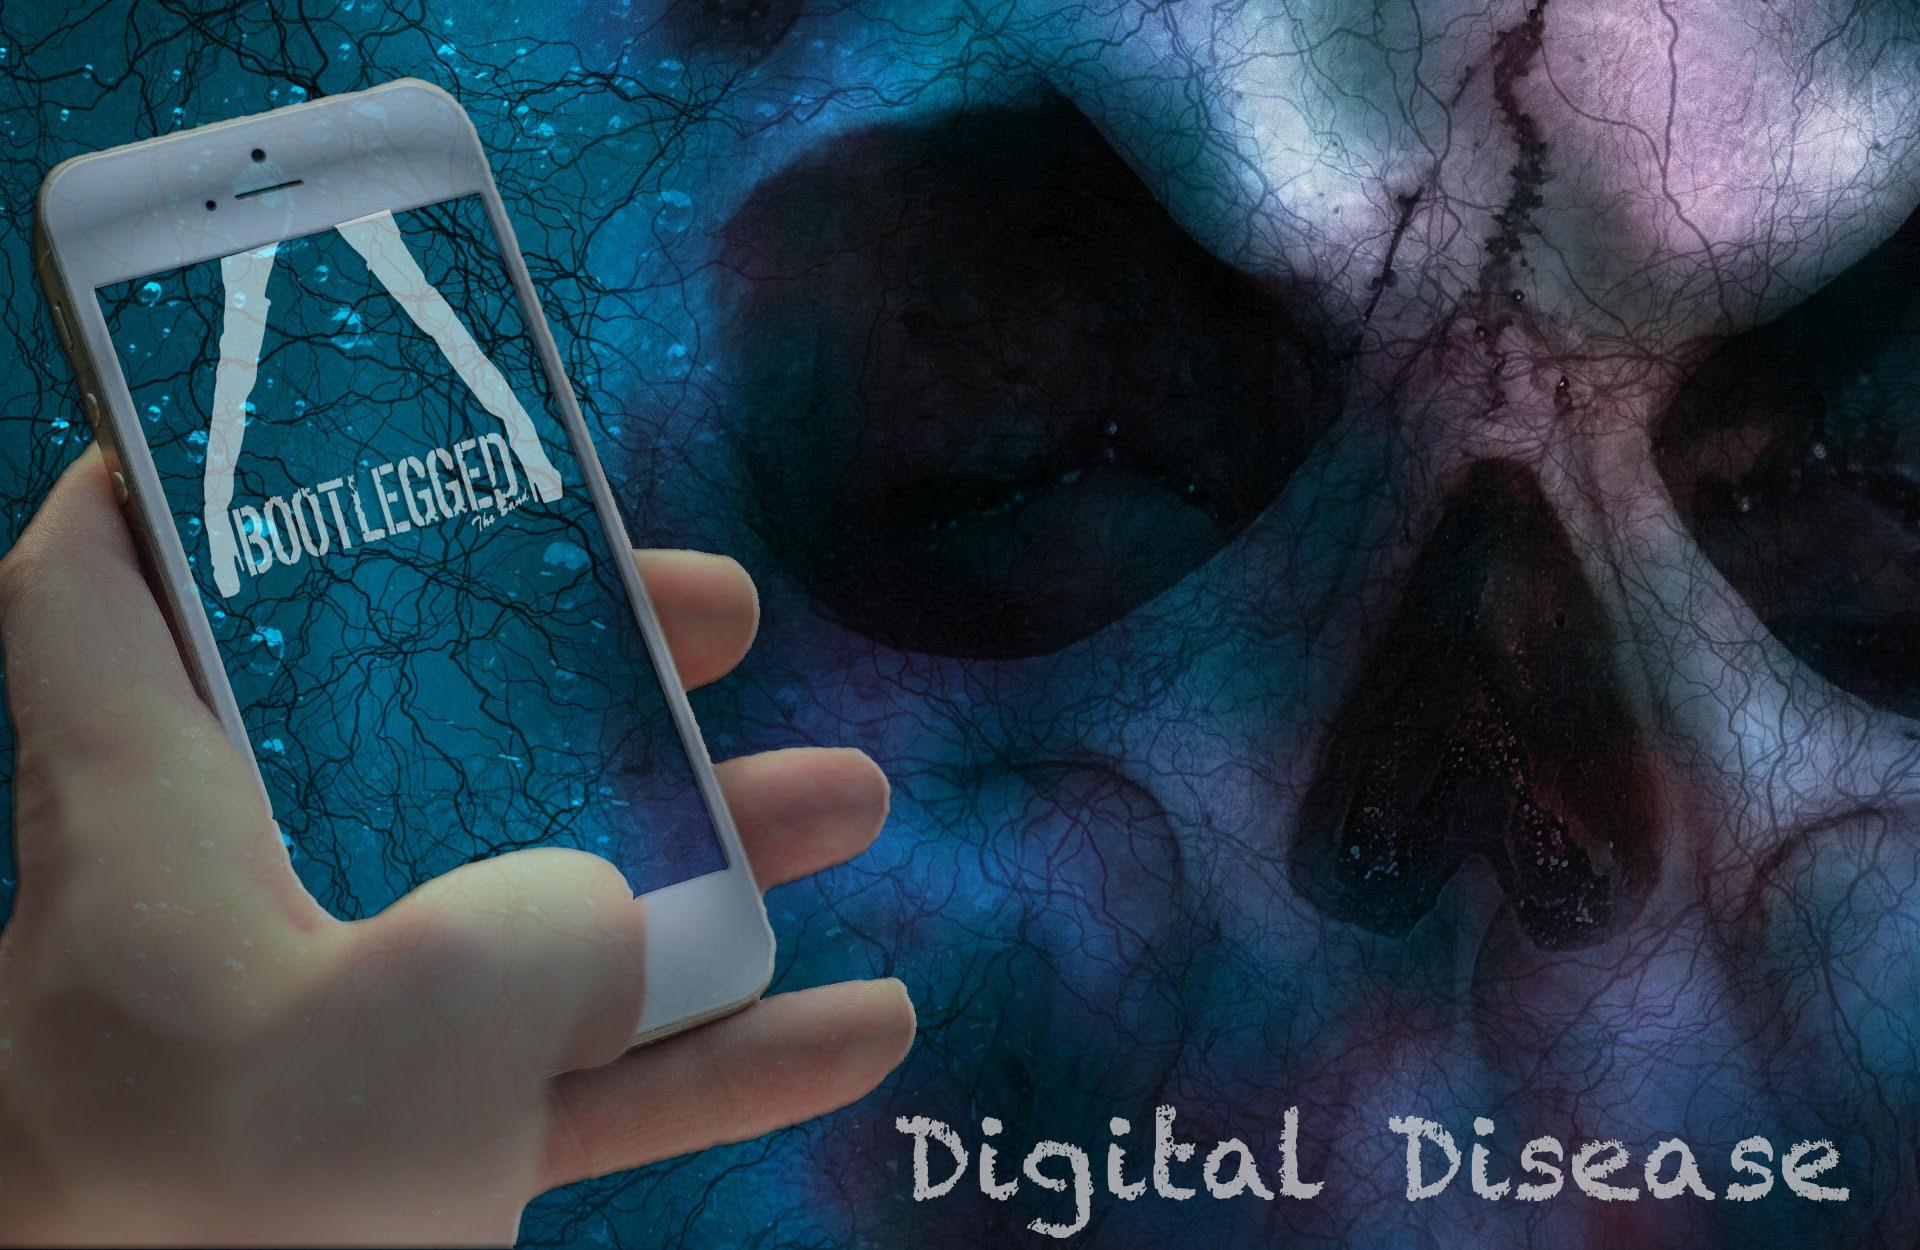 Digital Disease Cover